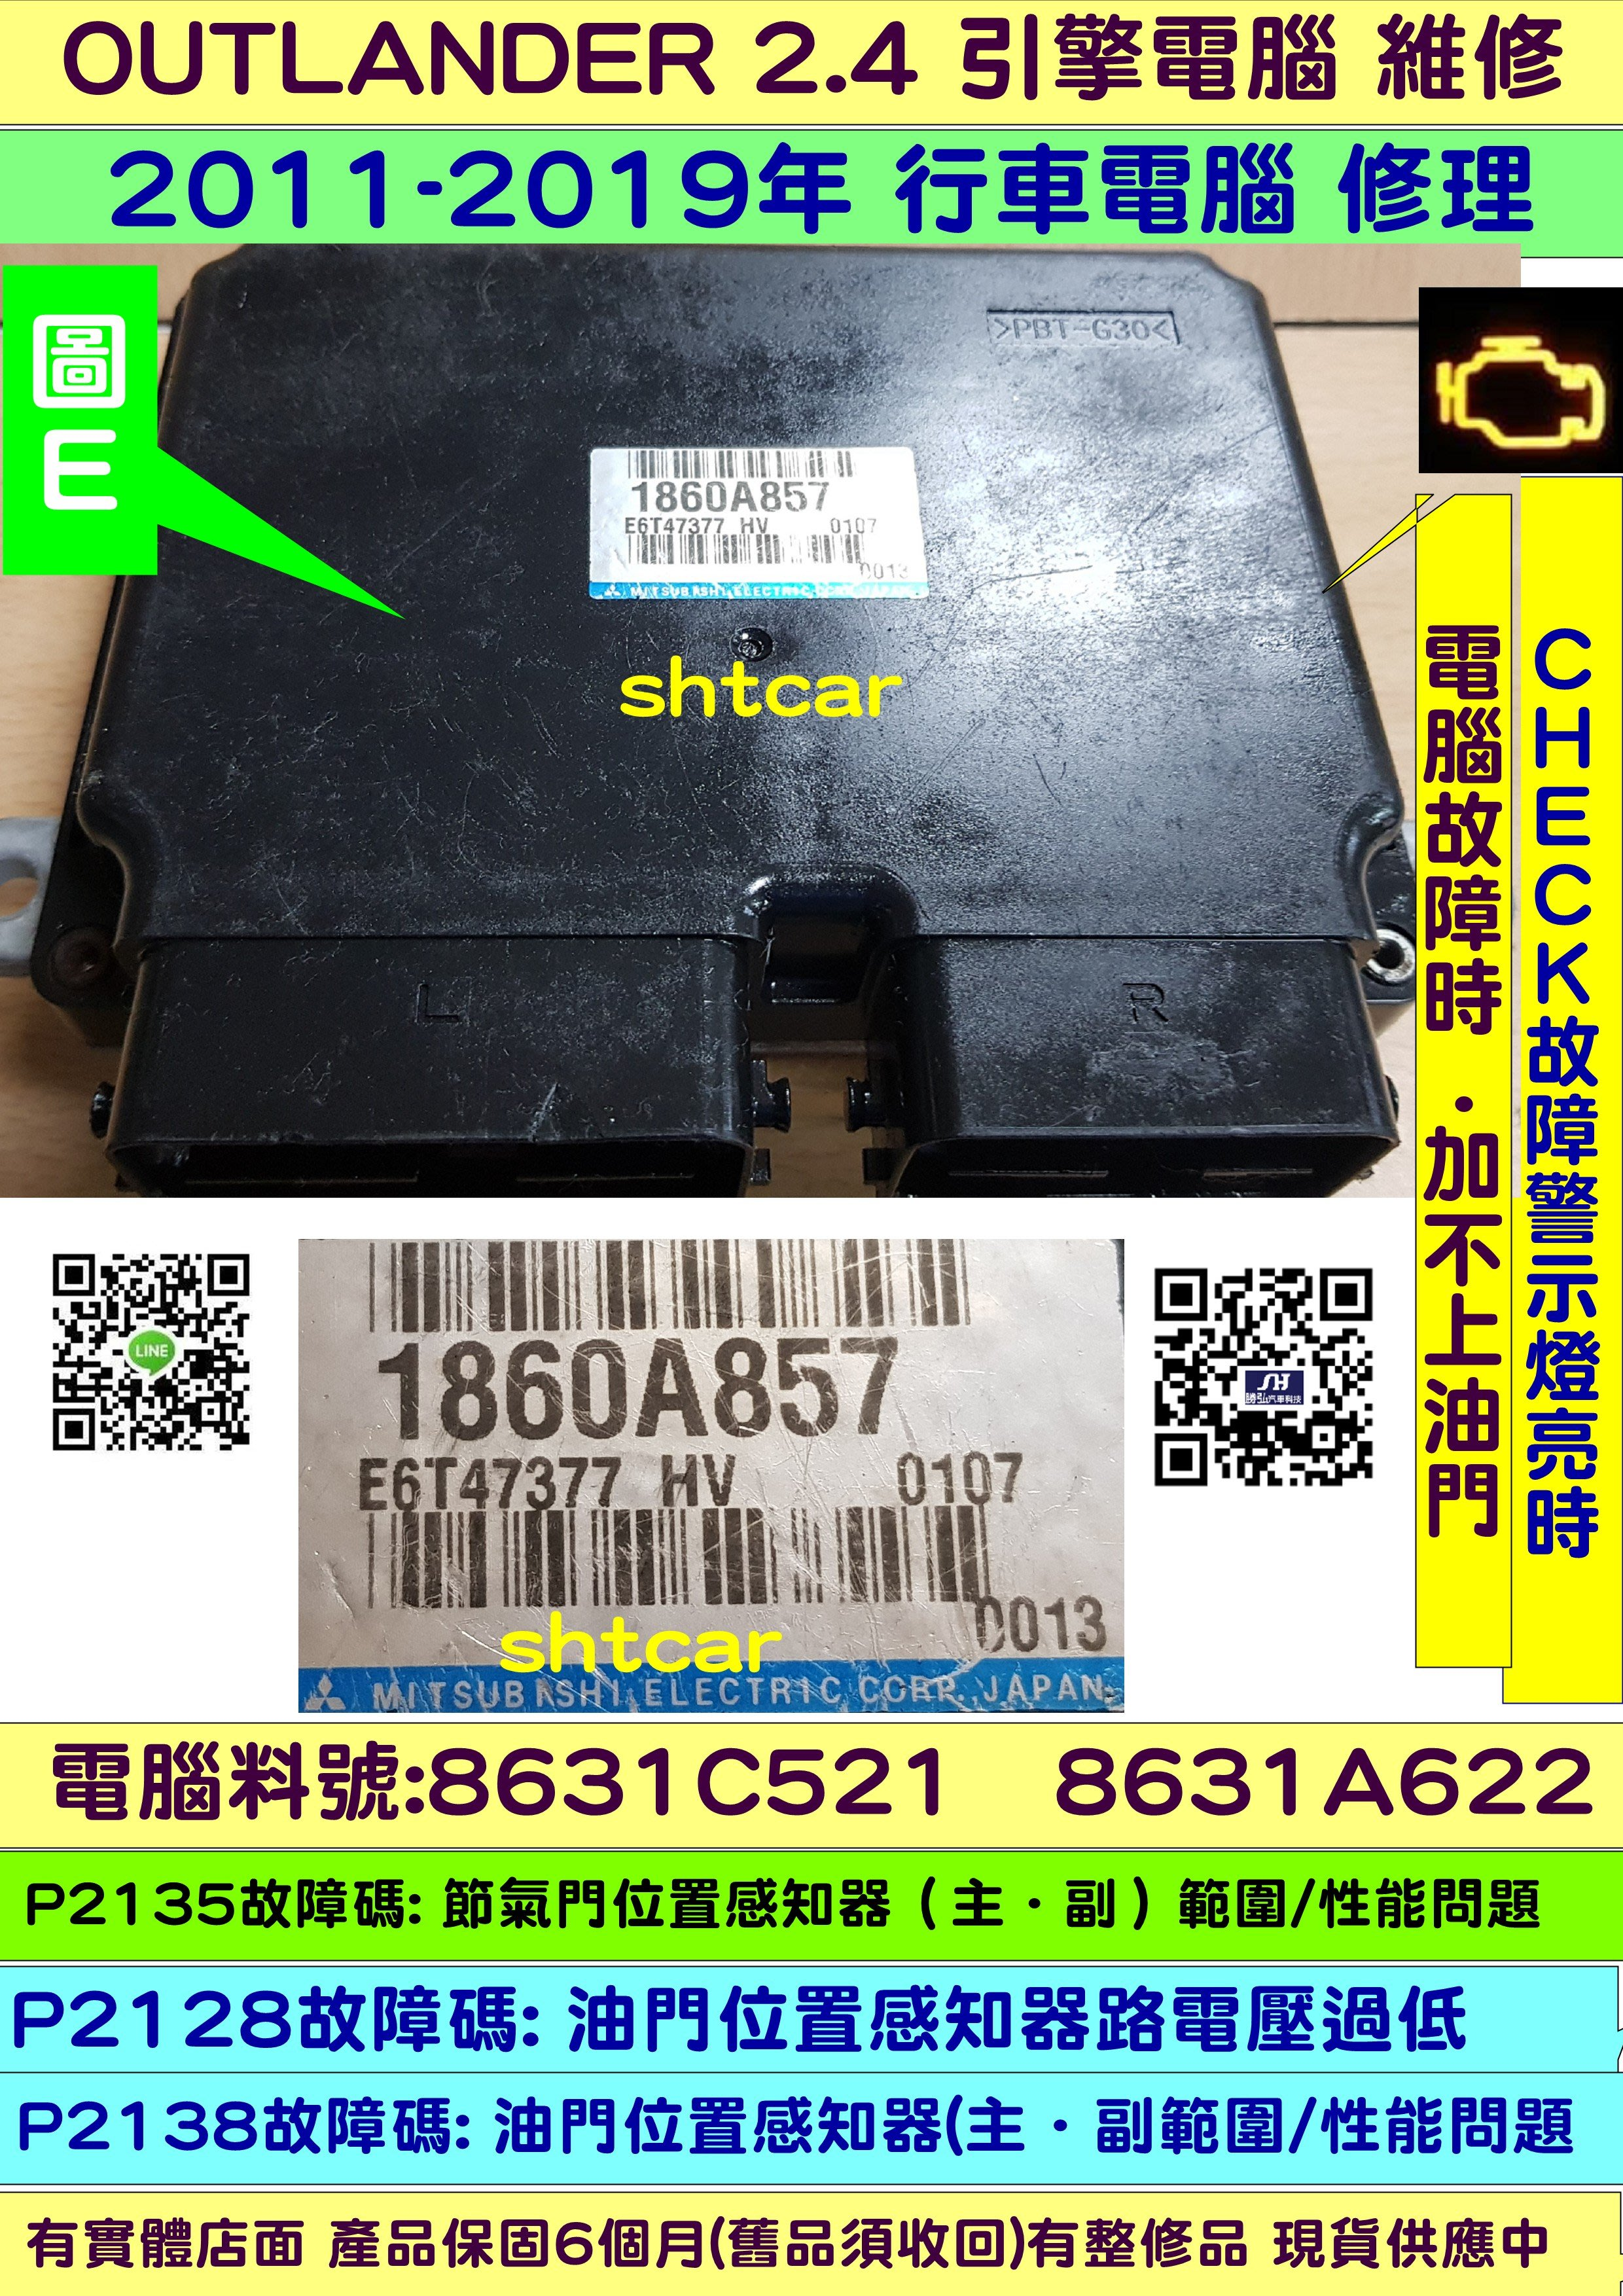 三菱 OUTLANDER 2.4 引擎電腦維修 2013- 1860A857 ECM ECU 行車電腦 維修 噴油嘴故障